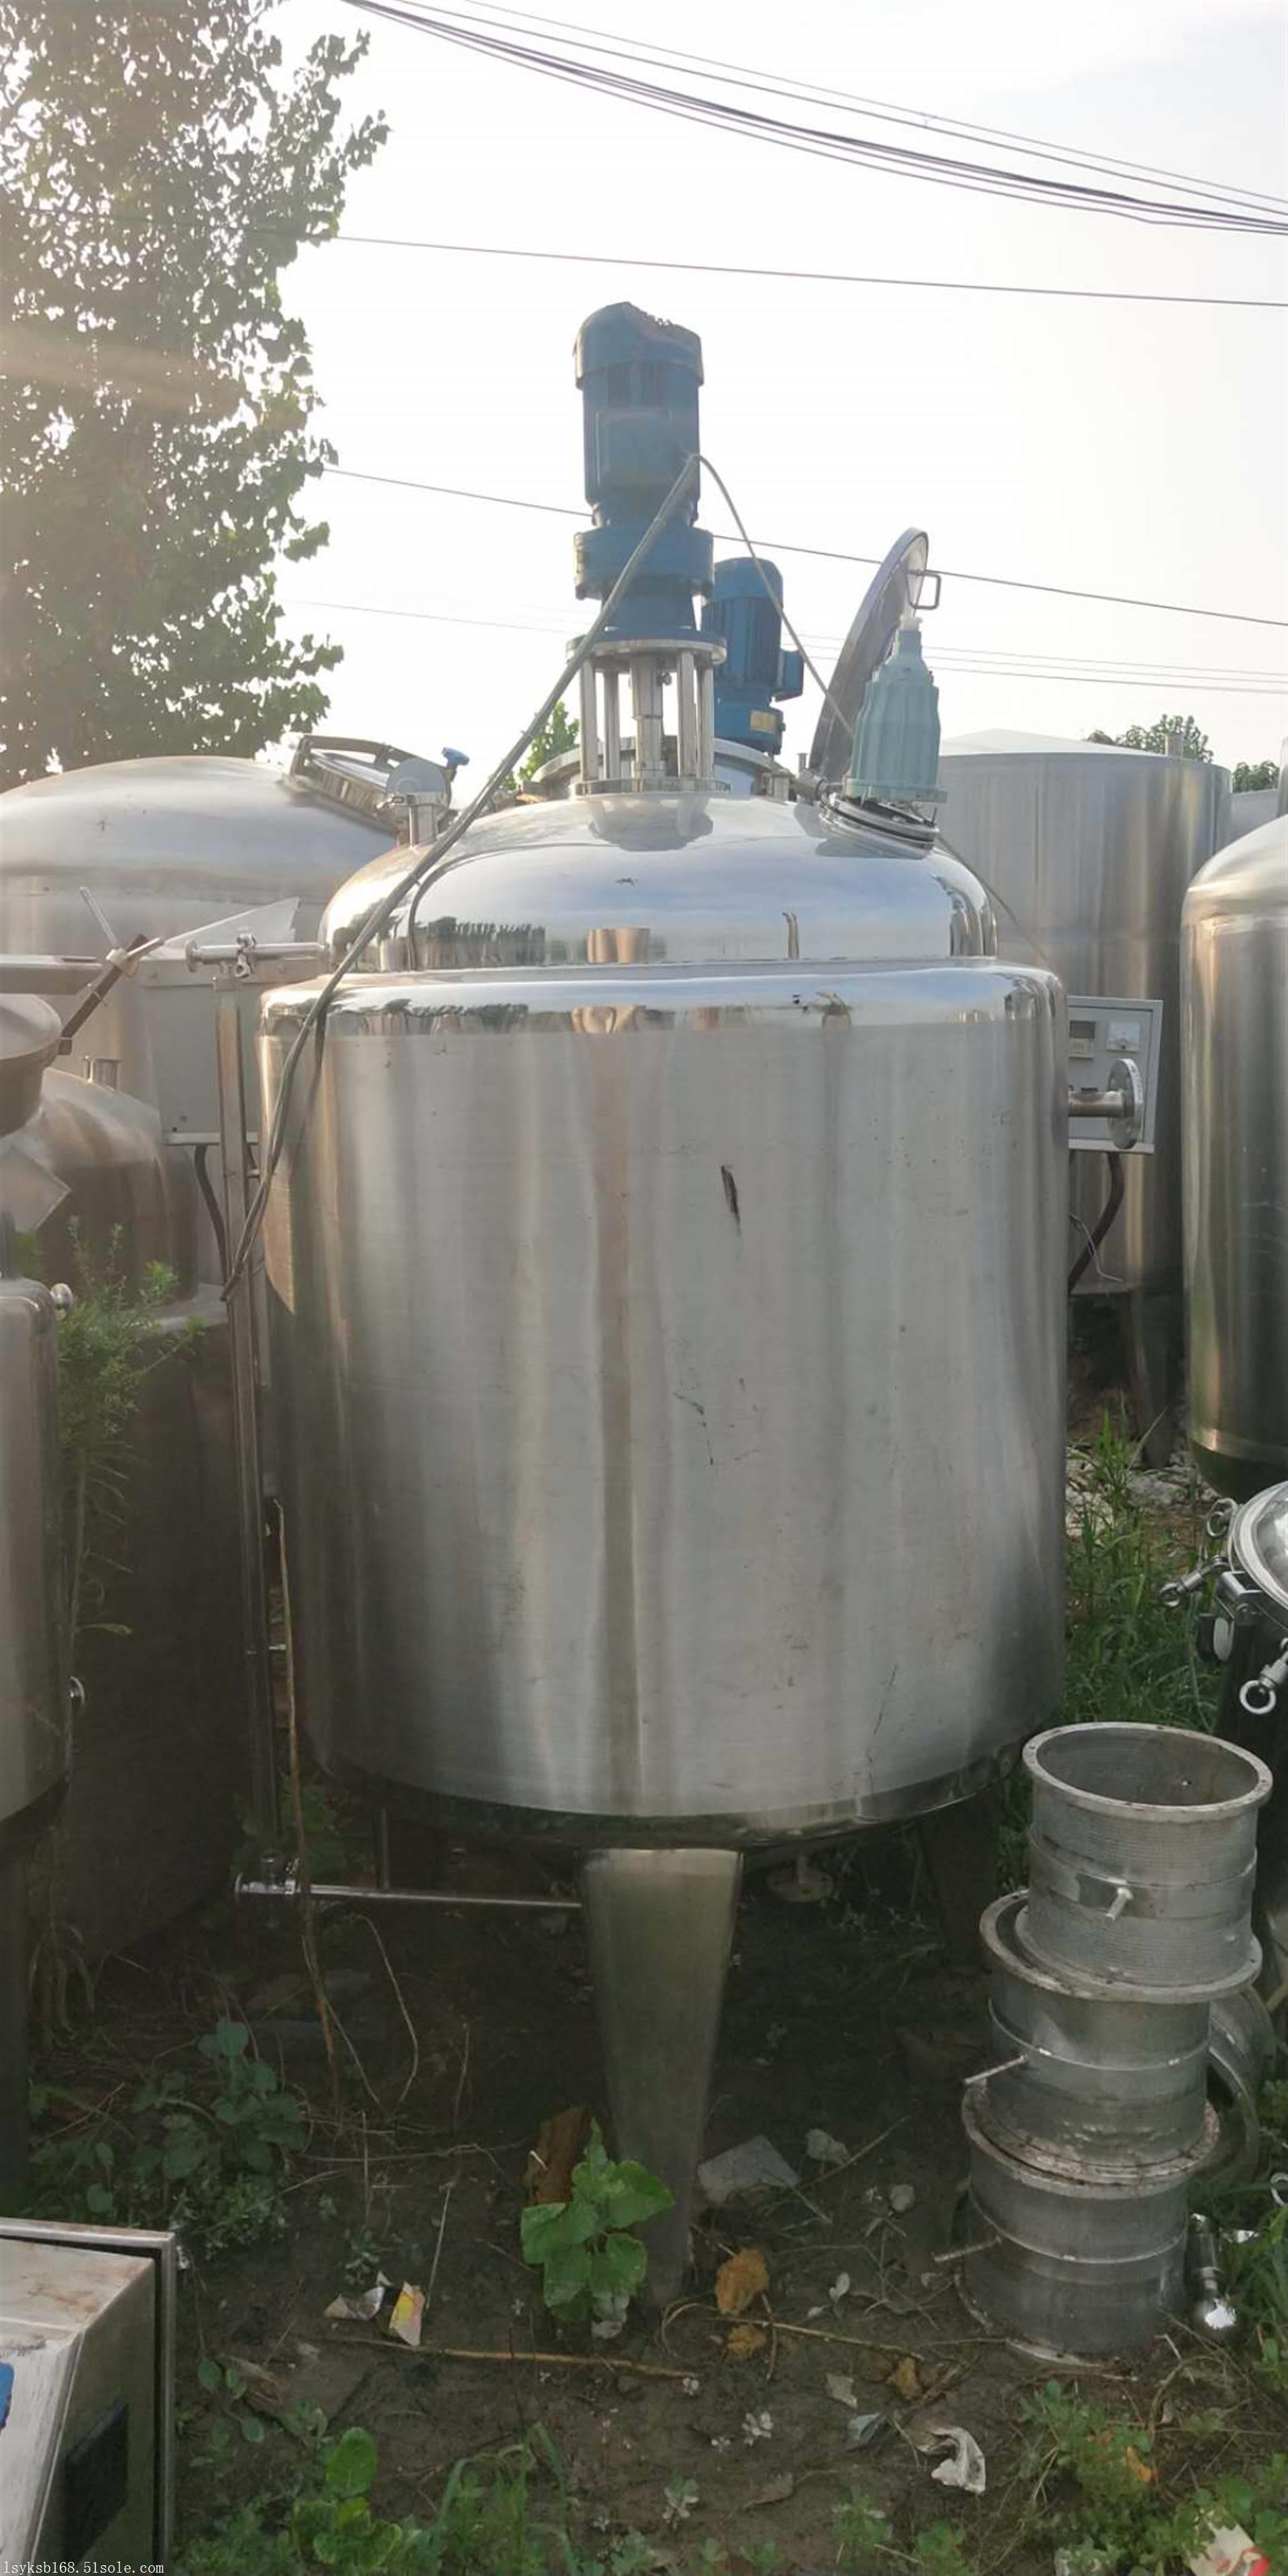 乳化搅拌罐   二手不锈钢搅拌罐  可定制加工各型号搅拌罐